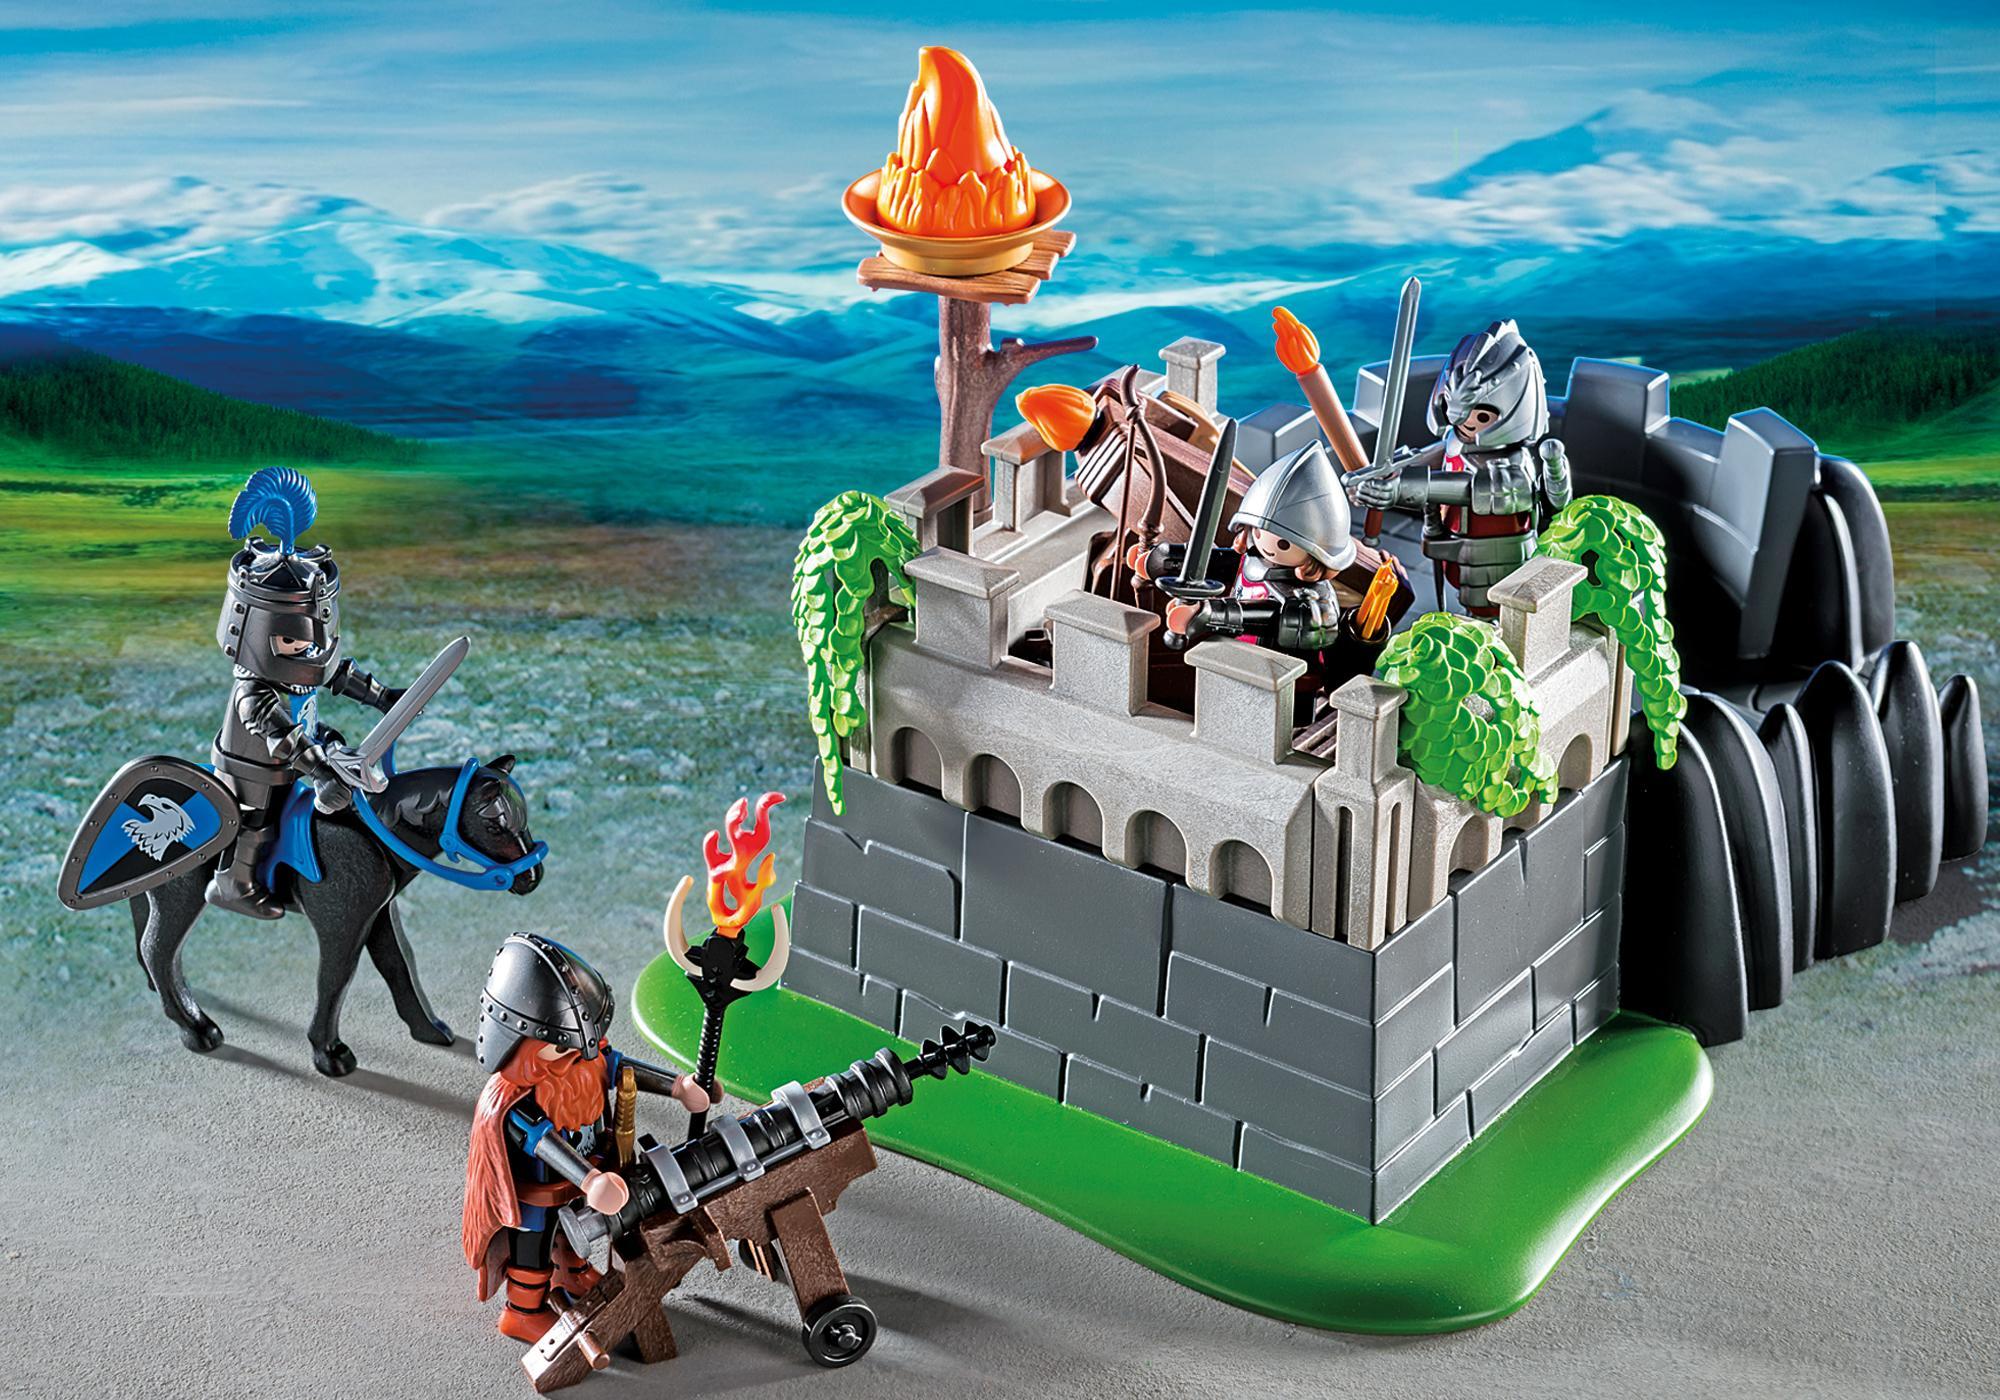 http://media.playmobil.com/i/playmobil/6627_product_extra2/Forte dos Cavaleiros do Dragão